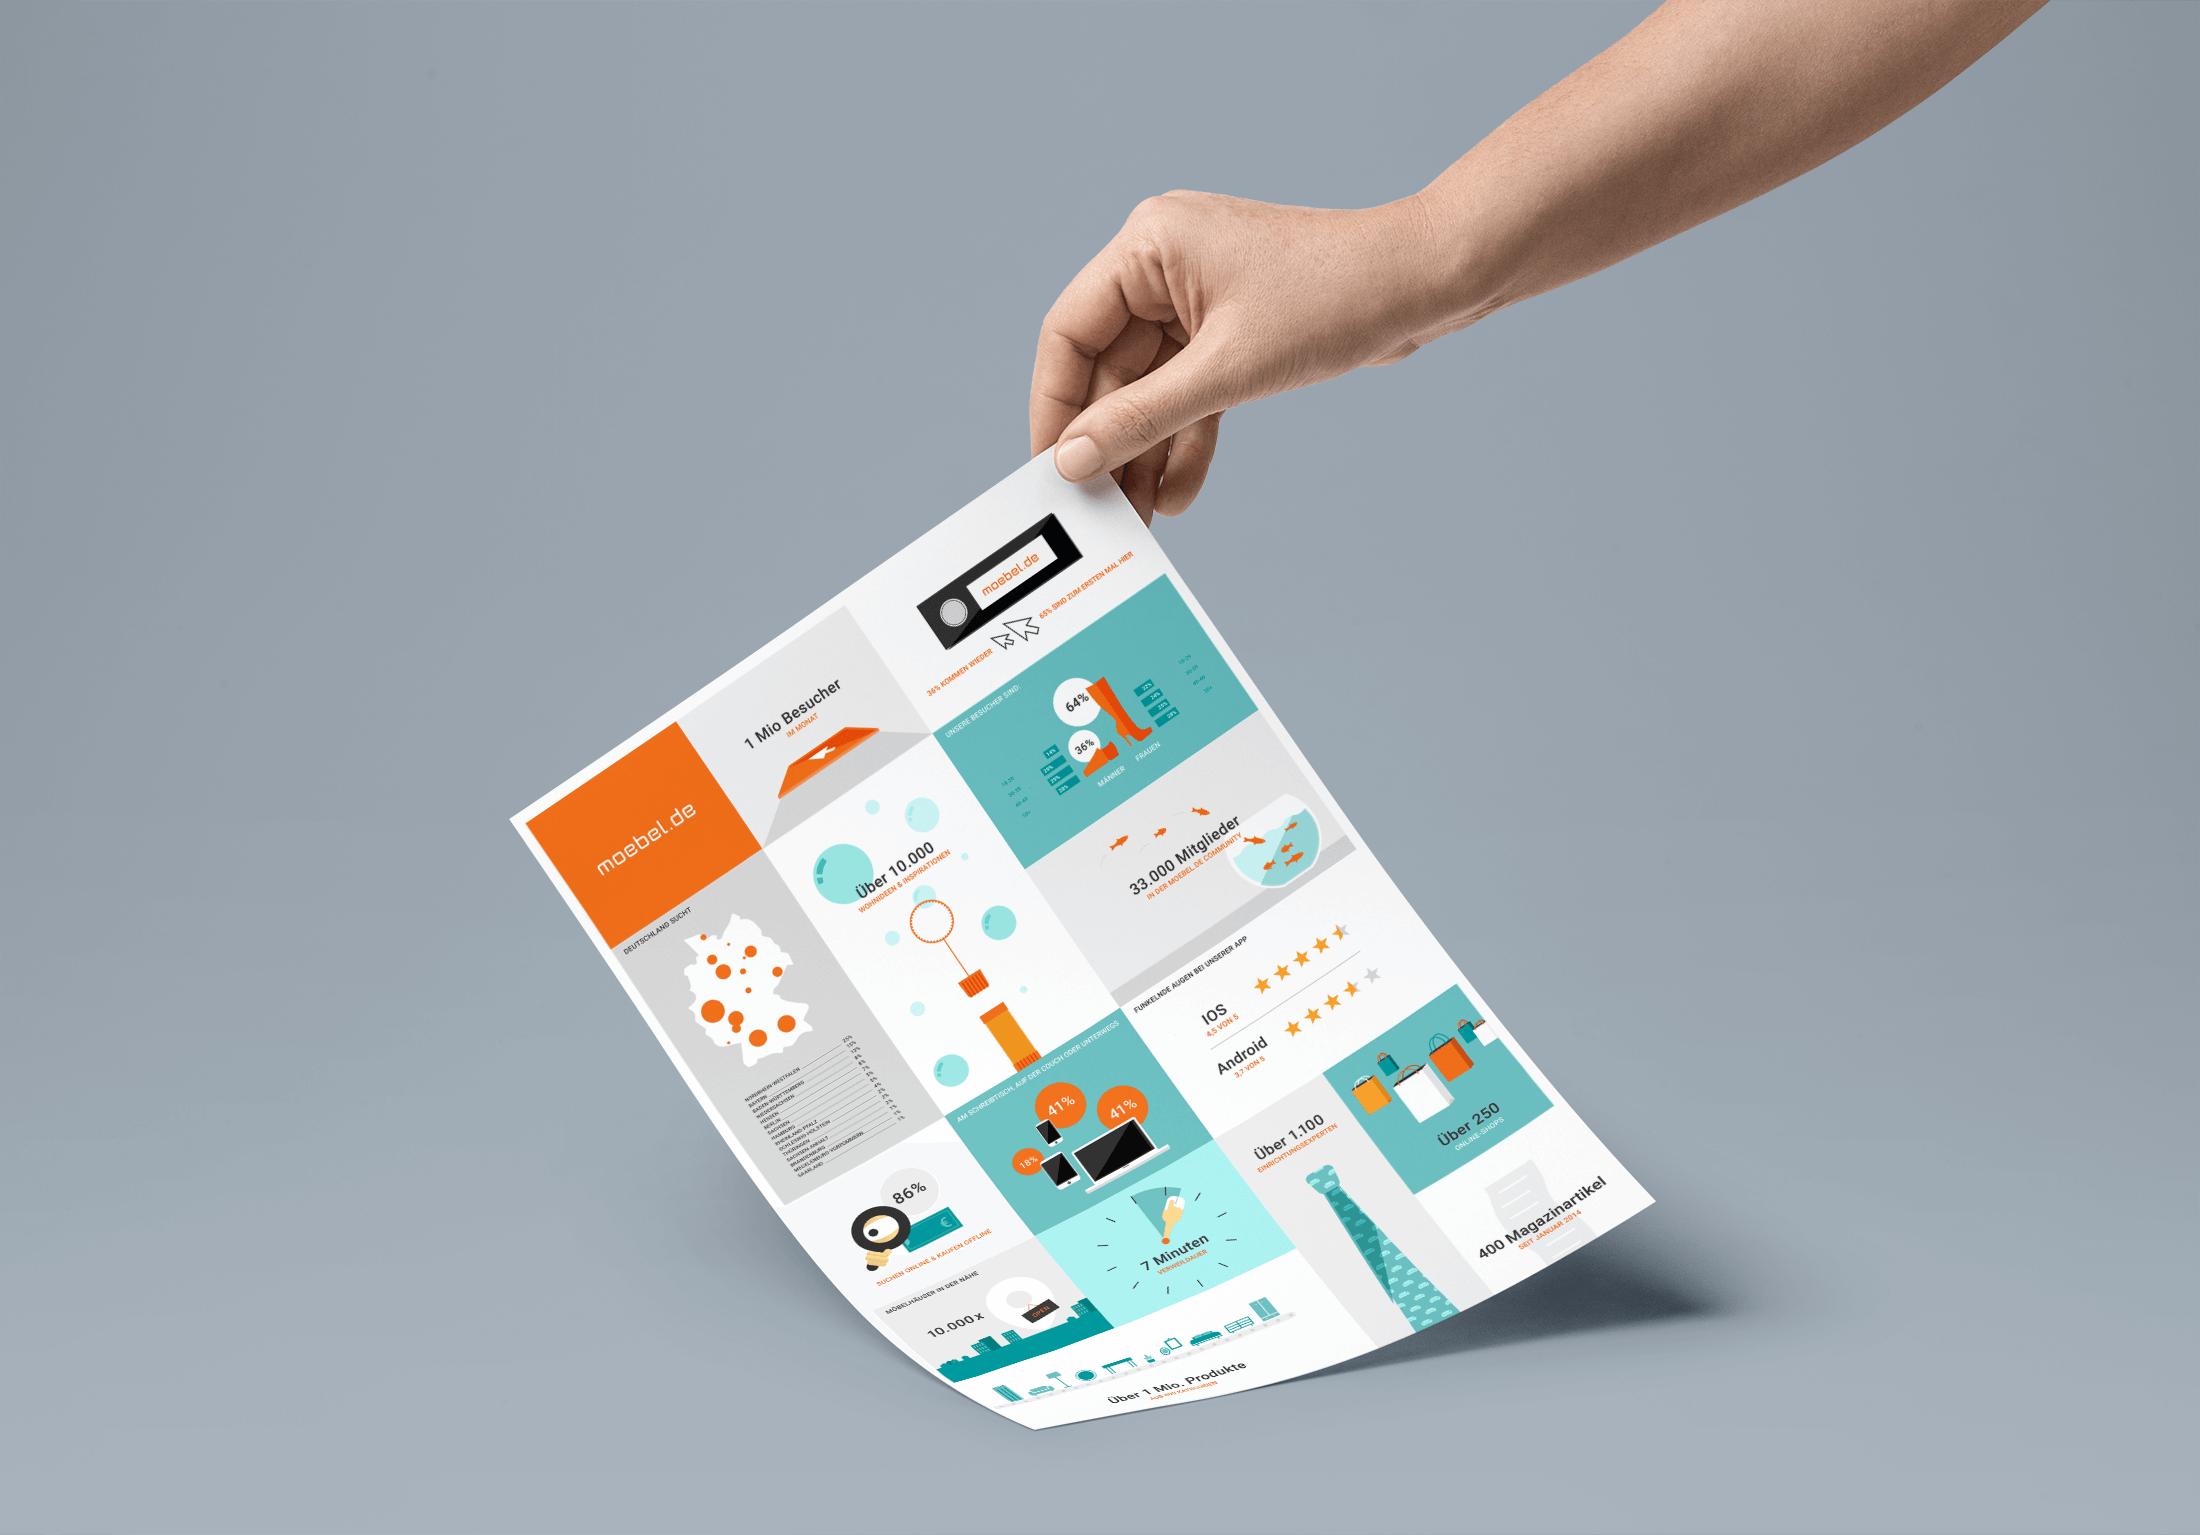 moebel-de-infografik